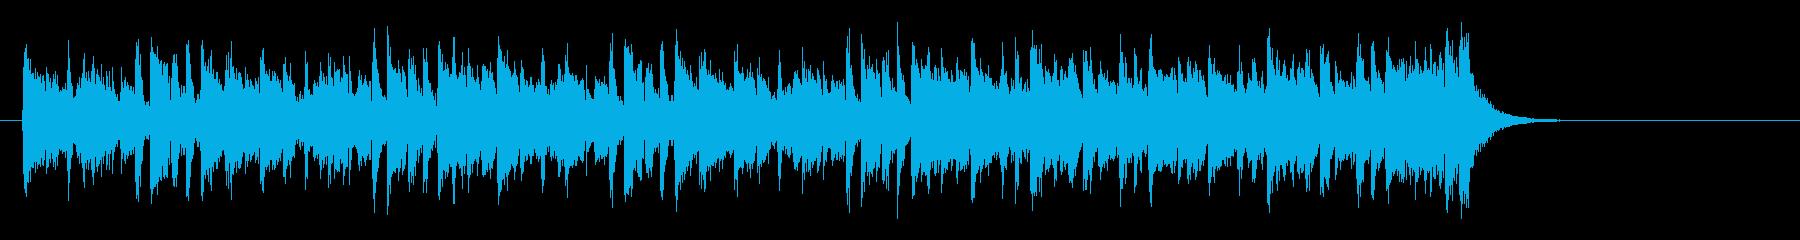 夜のピアノフュージョン(サビ)の再生済みの波形